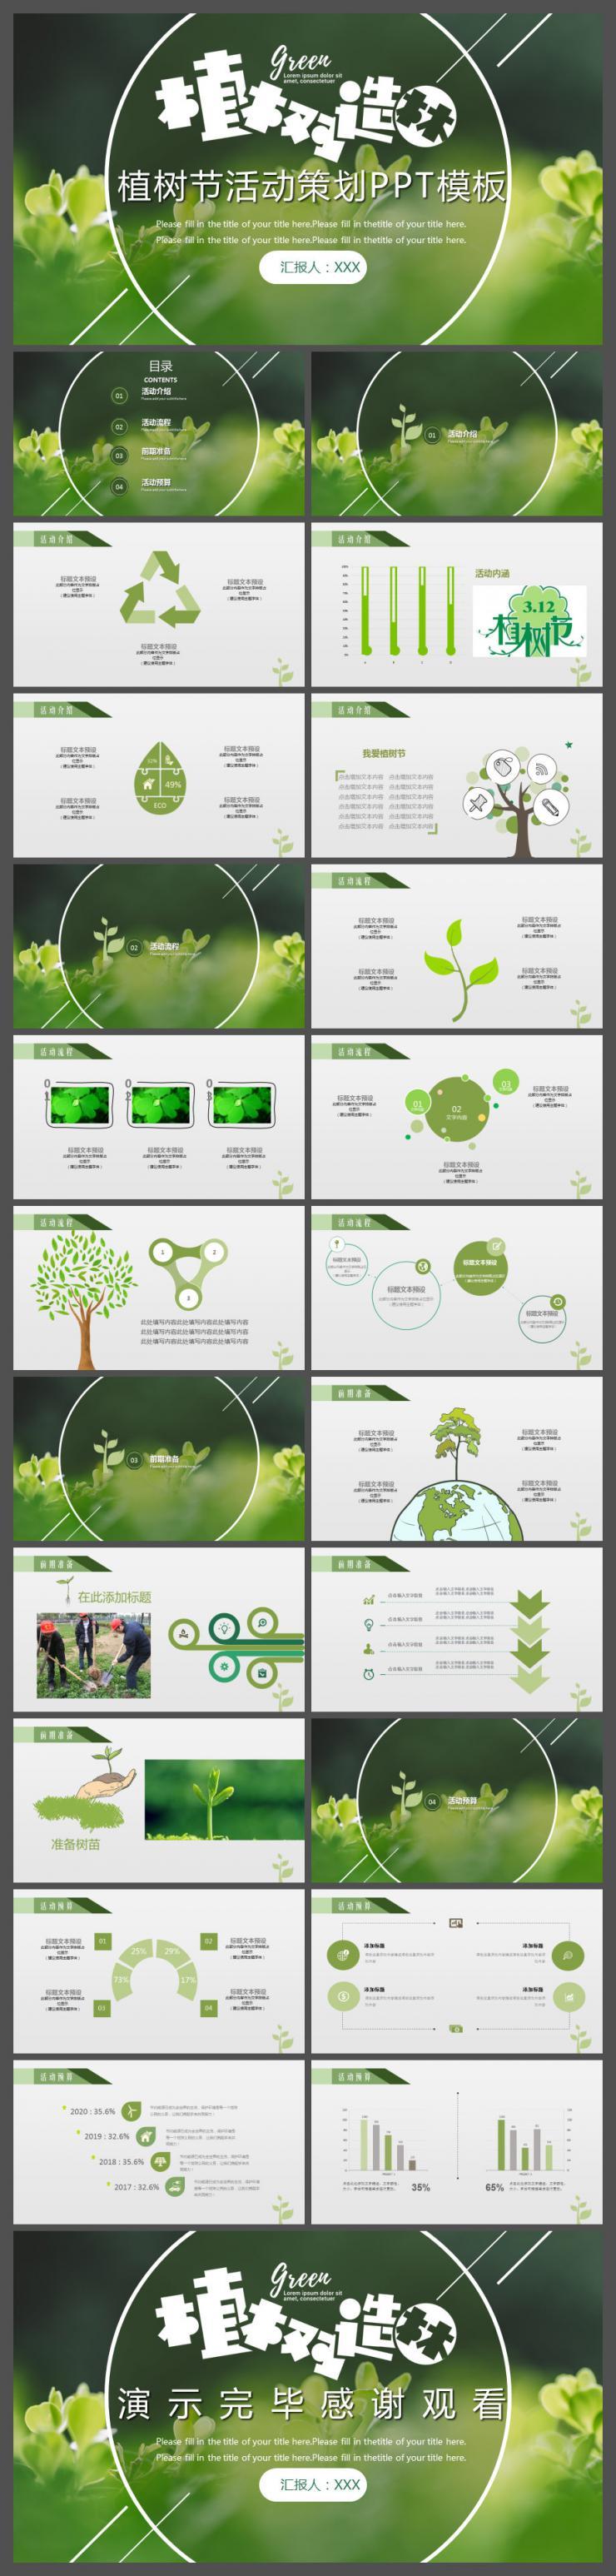 绿色简约312植树节活动组织策划PPT模板